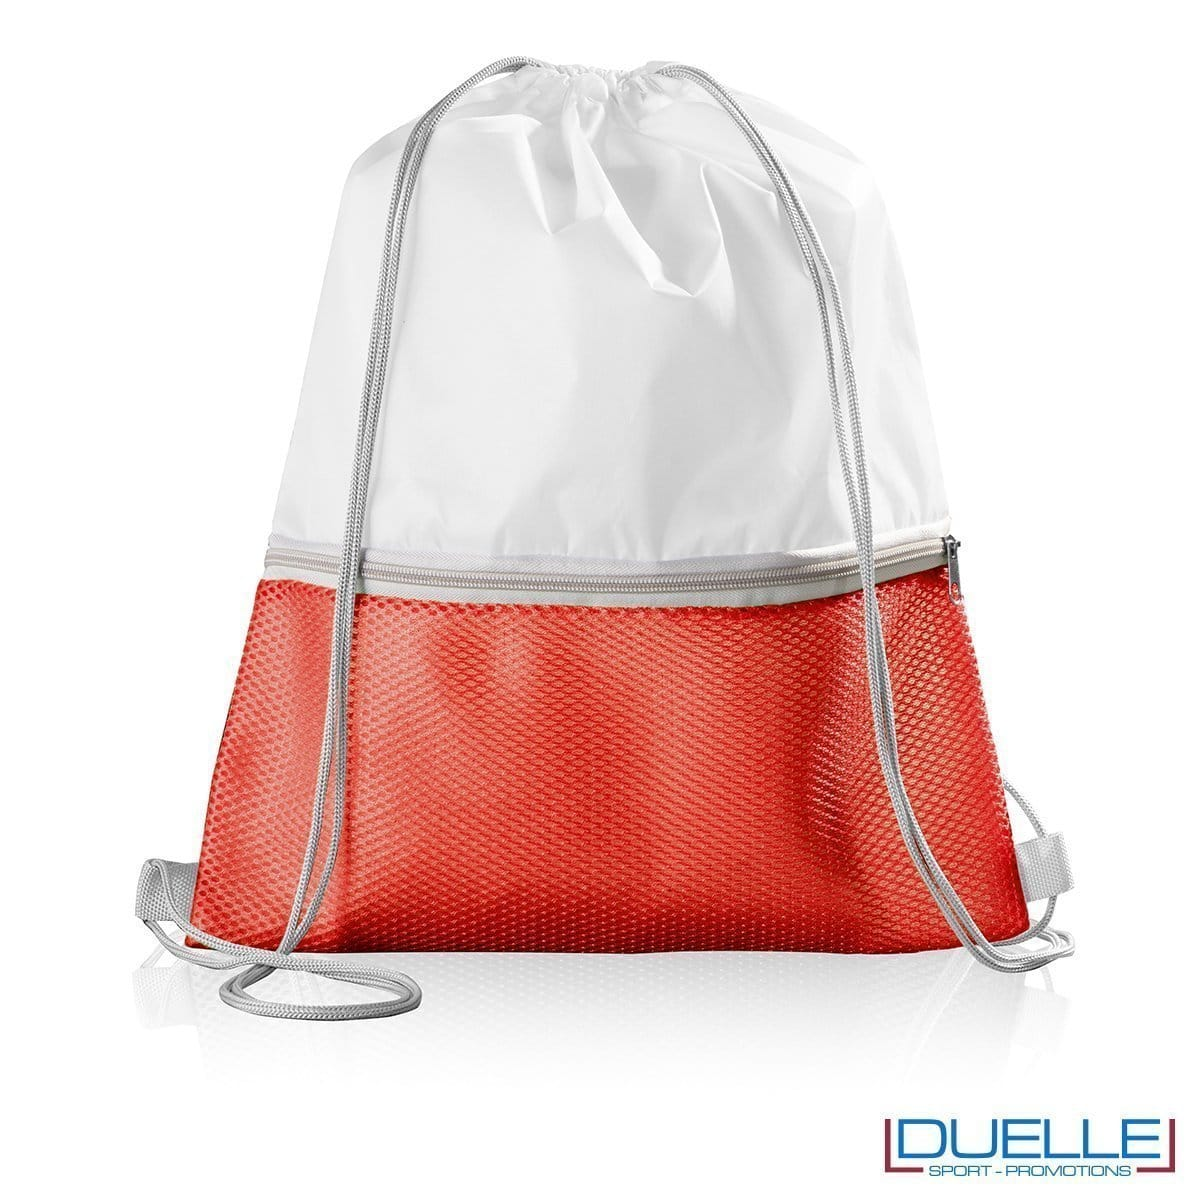 Zainetto personalizzato in nylon con tasca colore rosso